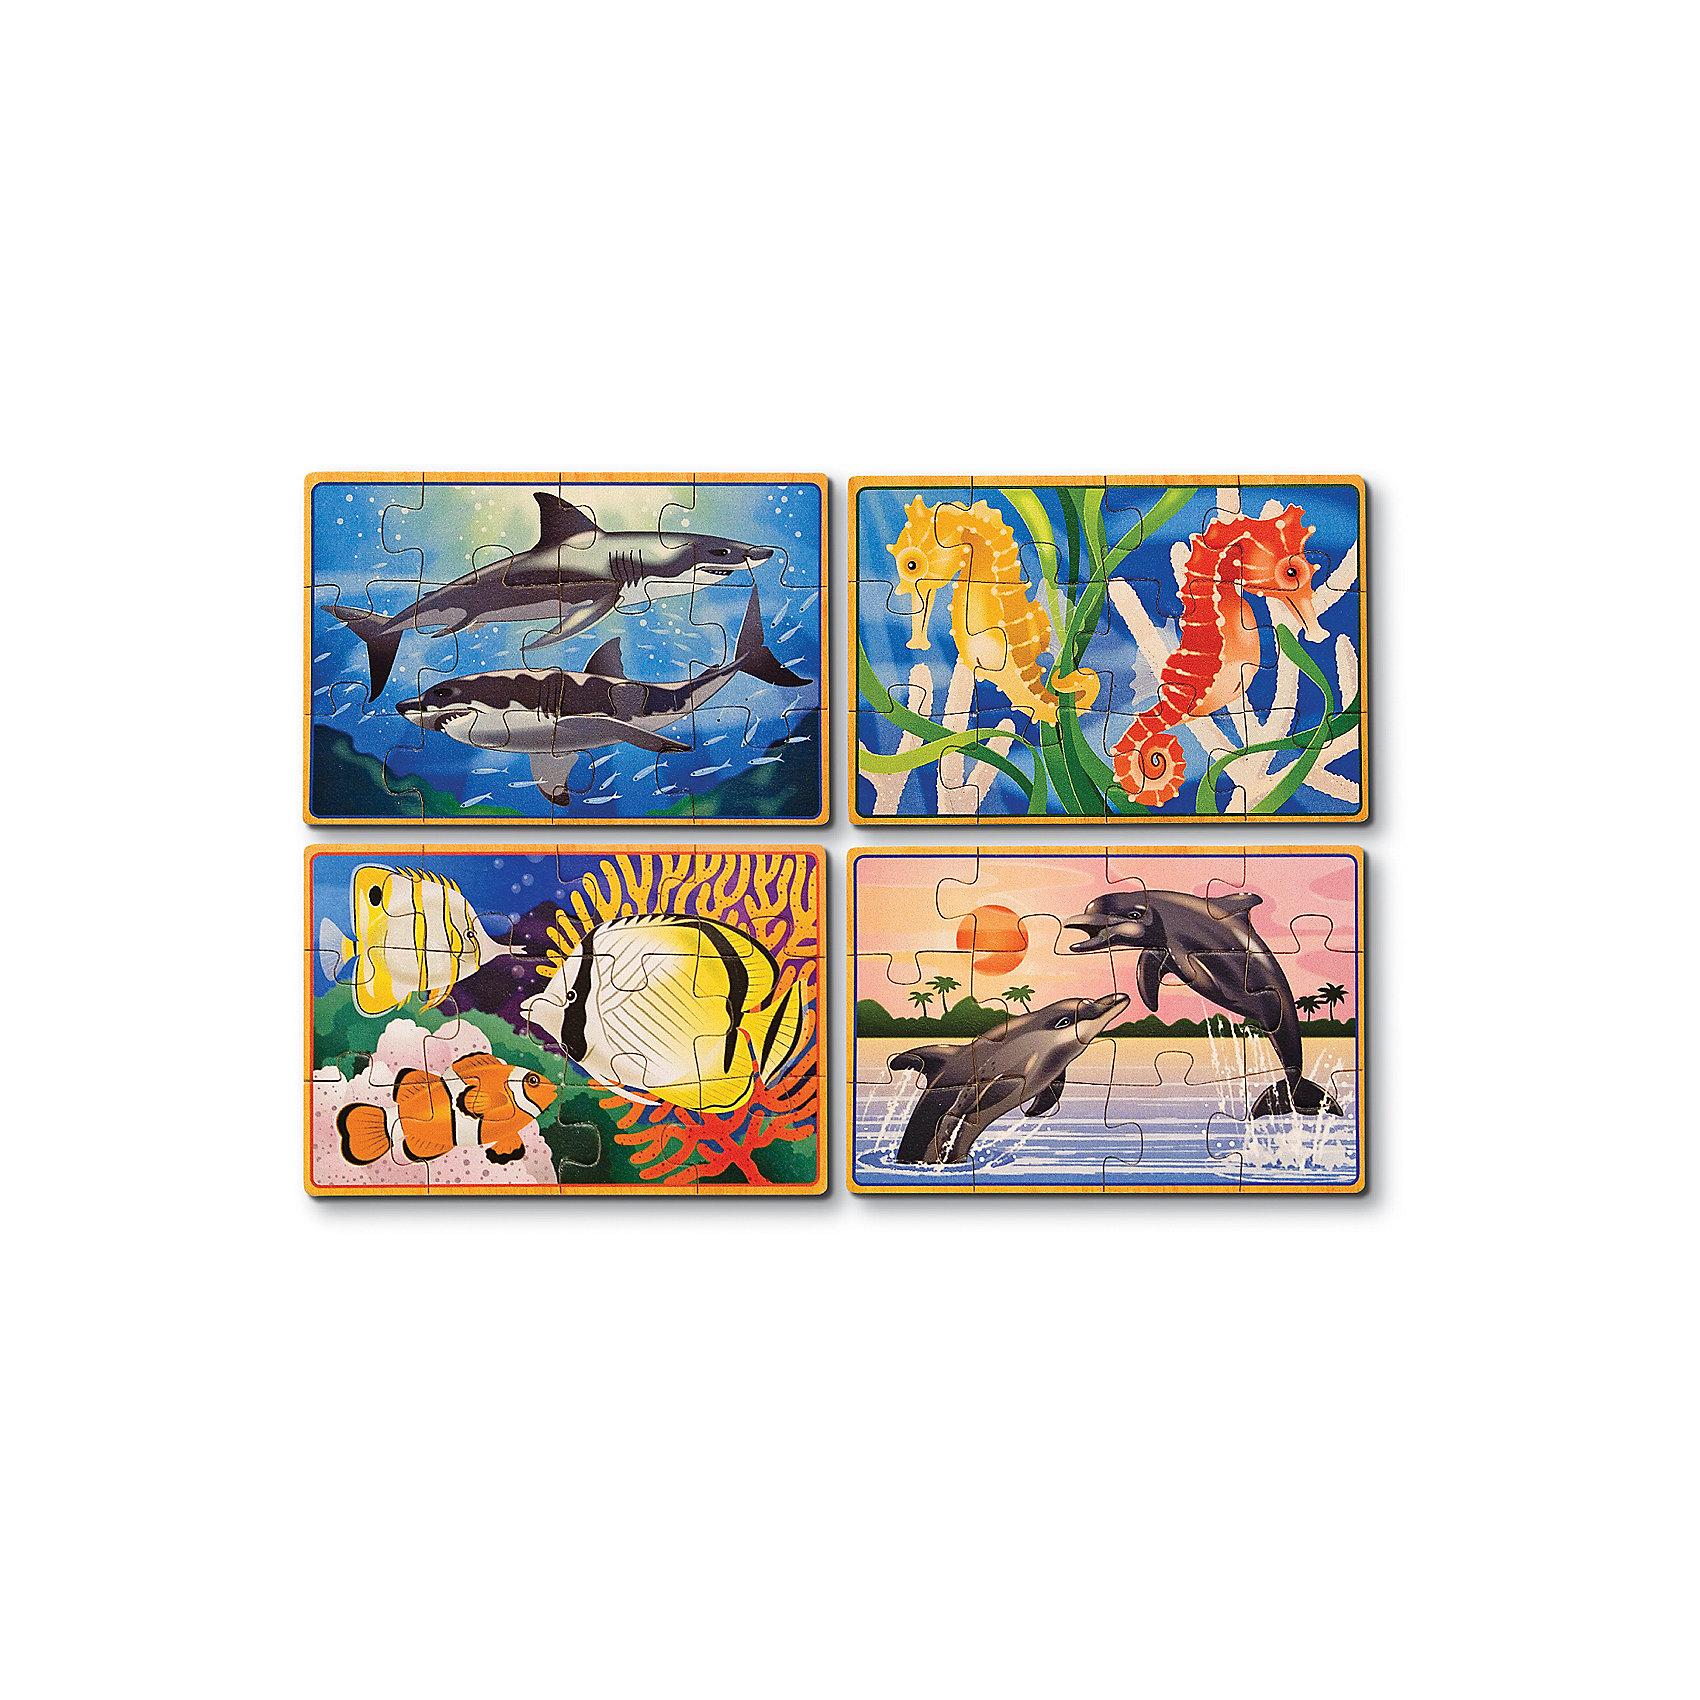 Деревянные пазлы Подводная жизнь, 4х12, Melissa &amp; DougДеревянные игры и пазлы<br>Пазлы - отличная игра! Они активно развивают пространственно-образное мышление и мелкую моторику, учат составлять целое из нескольких частей, активизируют логику и воображение. Деревянные пазлы Подводная жизнь от ведущего мирового производителя детских игрушек - компании Melissa &amp; Doug обладают следующими особенностями:<br>- экологически чистые материалы, приятные на ощупь, безопасные красители;<br>- яркие цвета;<br>- 4 изображения: тропические рыбки, дельфины, акулы и морские коньки; <br>- каждая картинка состоит из 12 частей и обладает своей уникальной кодировкой на обратной стороне, что существенно облегчает сортировку;<br>- прочный деревянный ящик с 4 отсеками - для каждого подводного жителя свой.<br>Замечательная игра для детей и взрослых!<br><br>Дополнительная информация:<br>- Вес: 453 гр;<br>- Габариты: 140х190х60 мм;<br>- Рекомендуемый возраст: от 1 года с участием взрослых. <br><br>Деревянные пазлы Подводная жизнь Melissa &amp; Doug можно купить в нашем магазине<br><br>Ширина мм: 140<br>Глубина мм: 190<br>Высота мм: 60<br>Вес г: 453<br>Возраст от месяцев: 36<br>Возраст до месяцев: 72<br>Пол: Унисекс<br>Возраст: Детский<br>Количество деталей: 12<br>SKU: 3927706